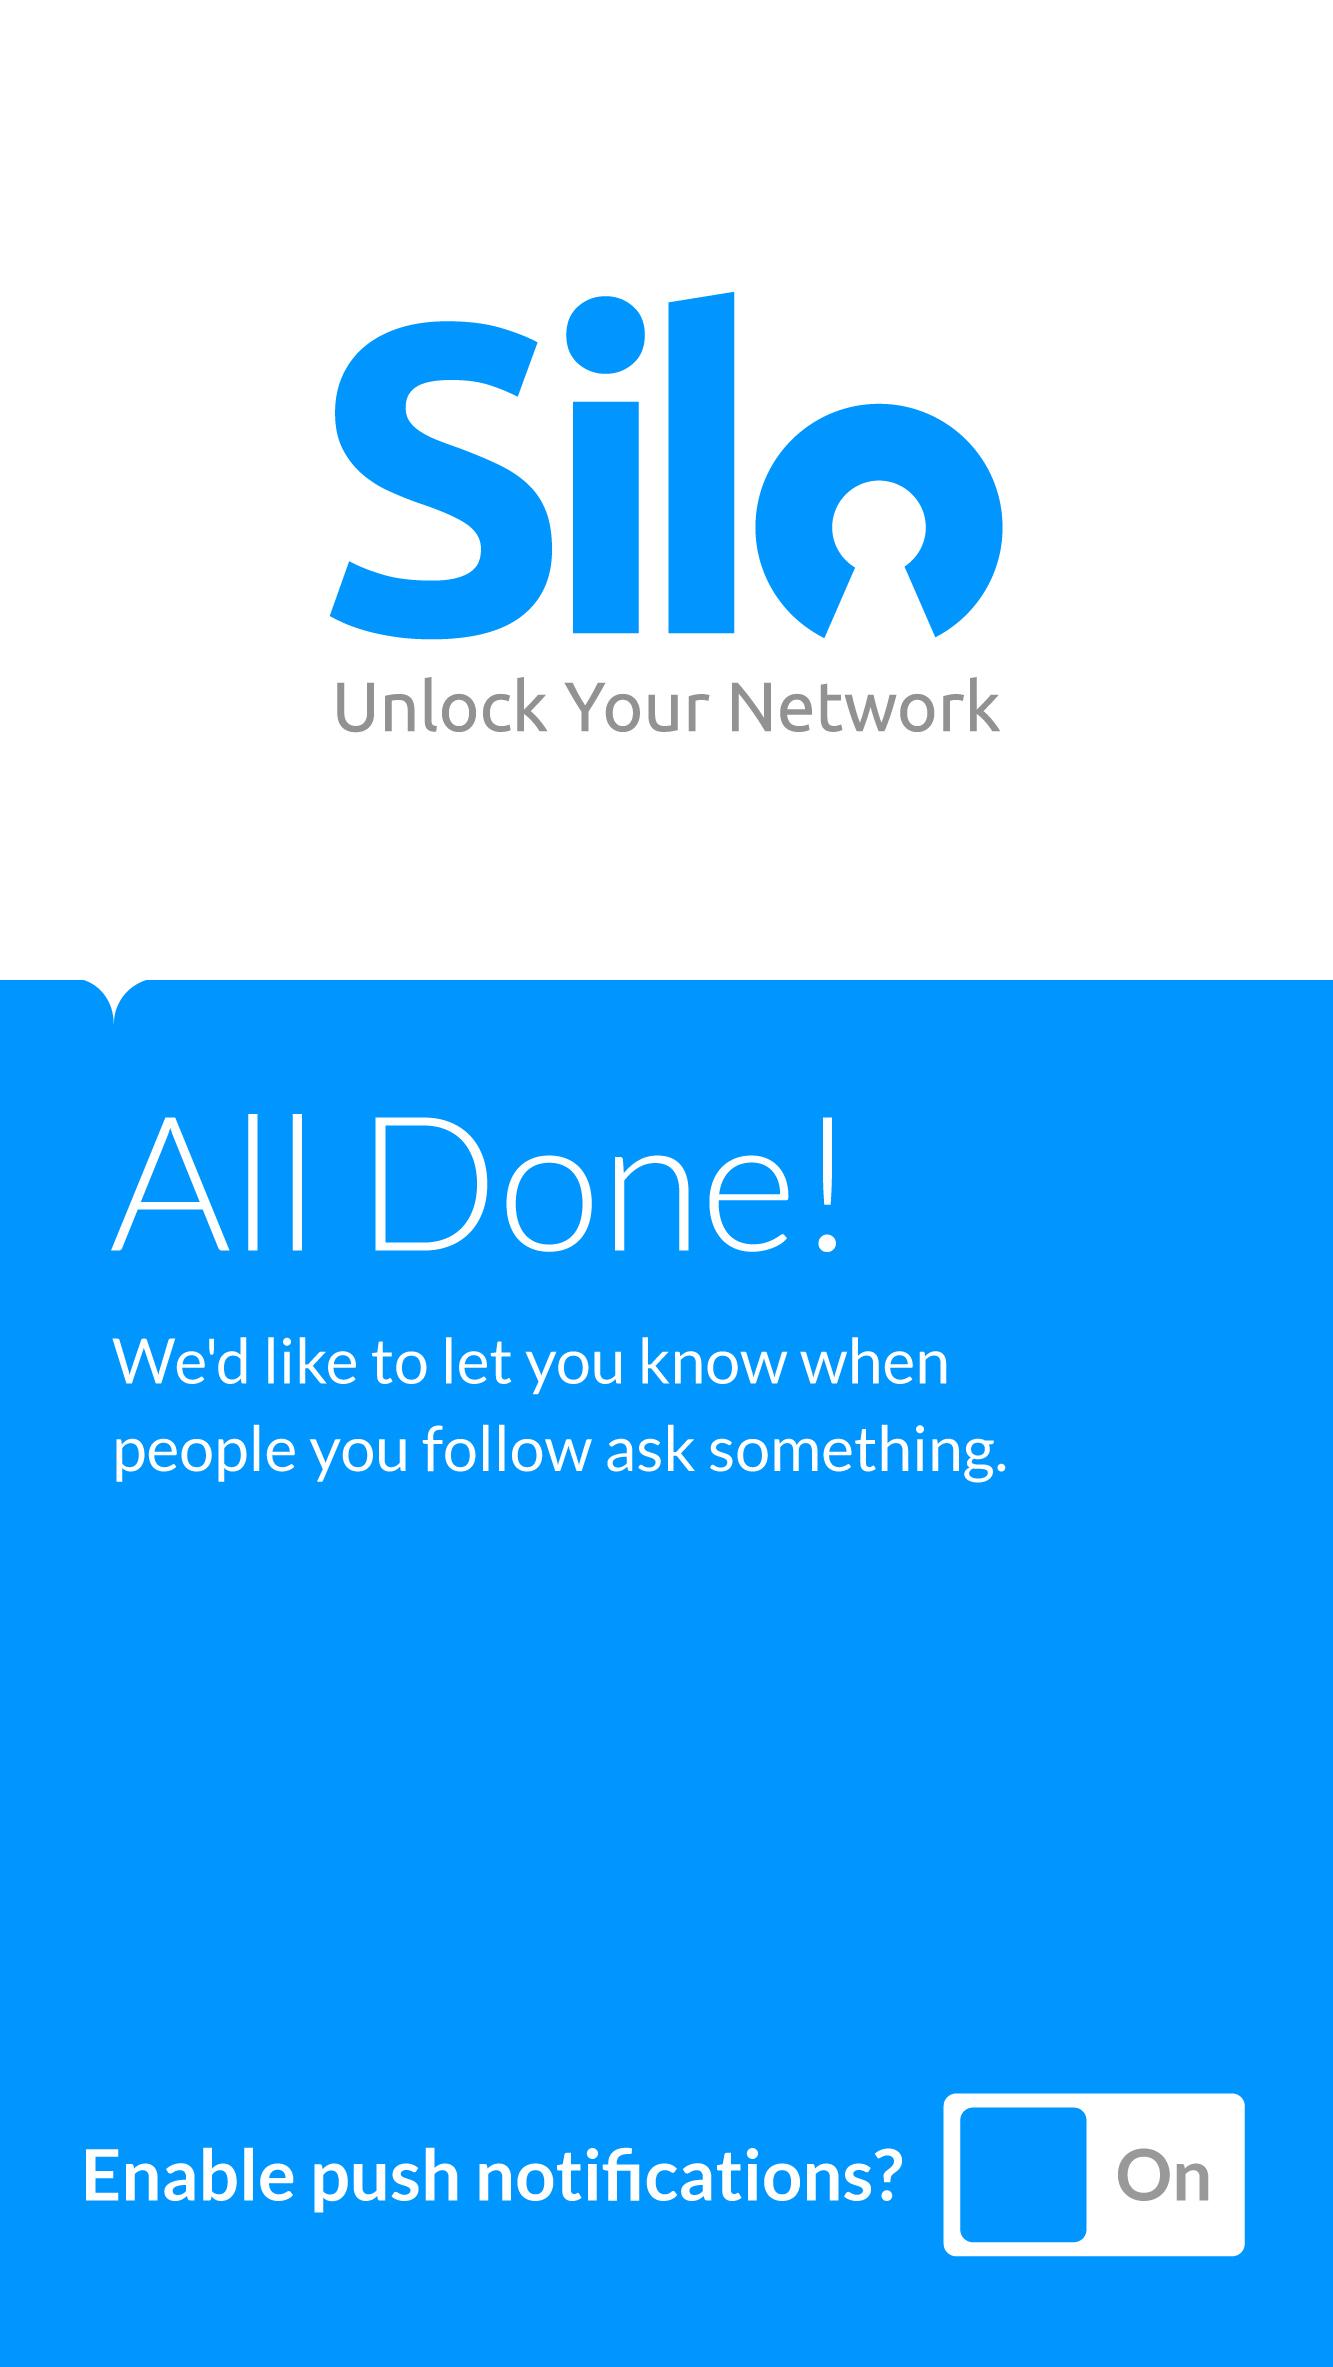 Silo_[OB] All Done!